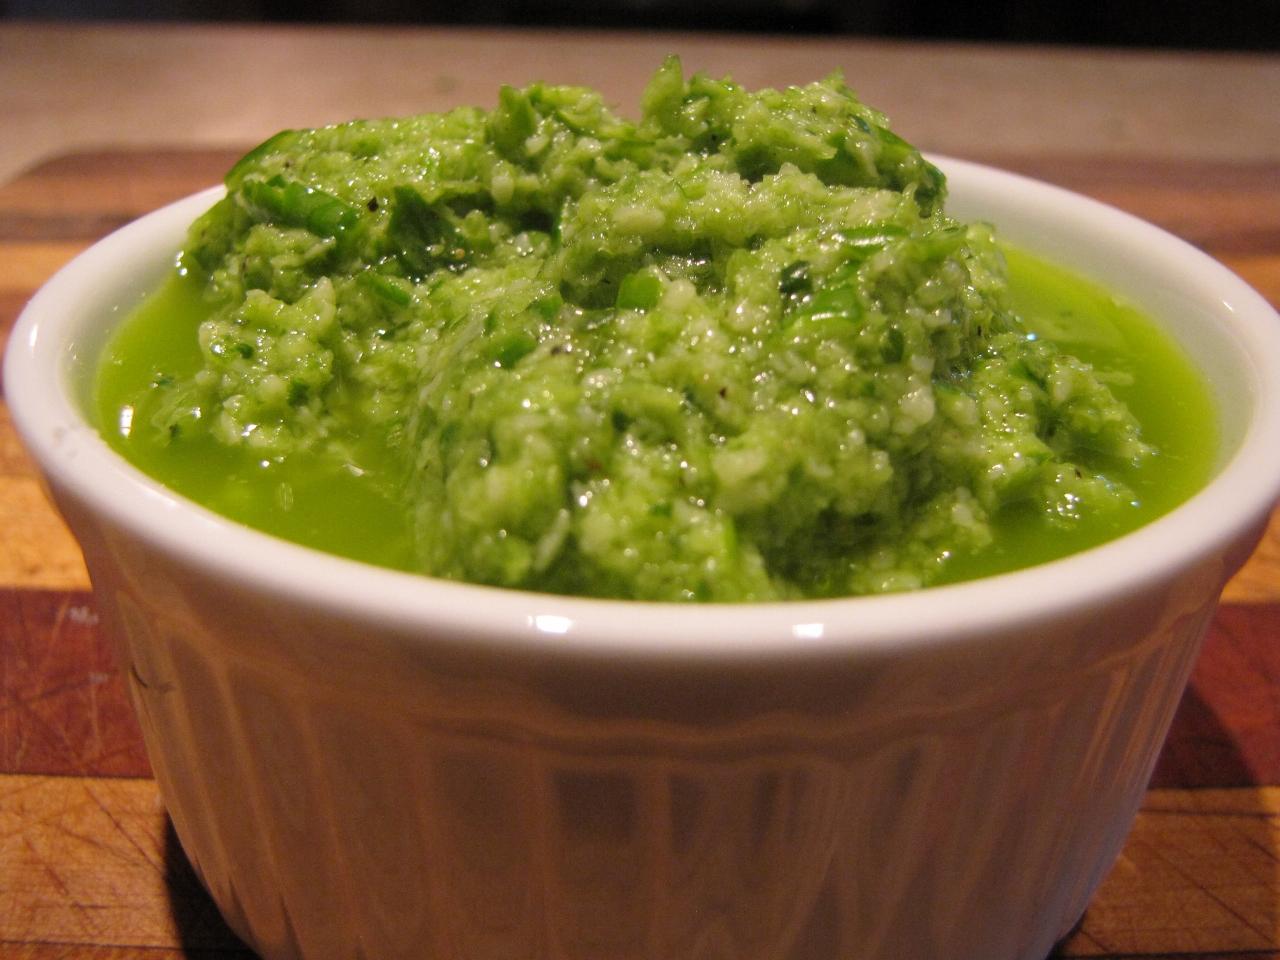 Garlic Scape Pesto - No Nuts! - Kimversations